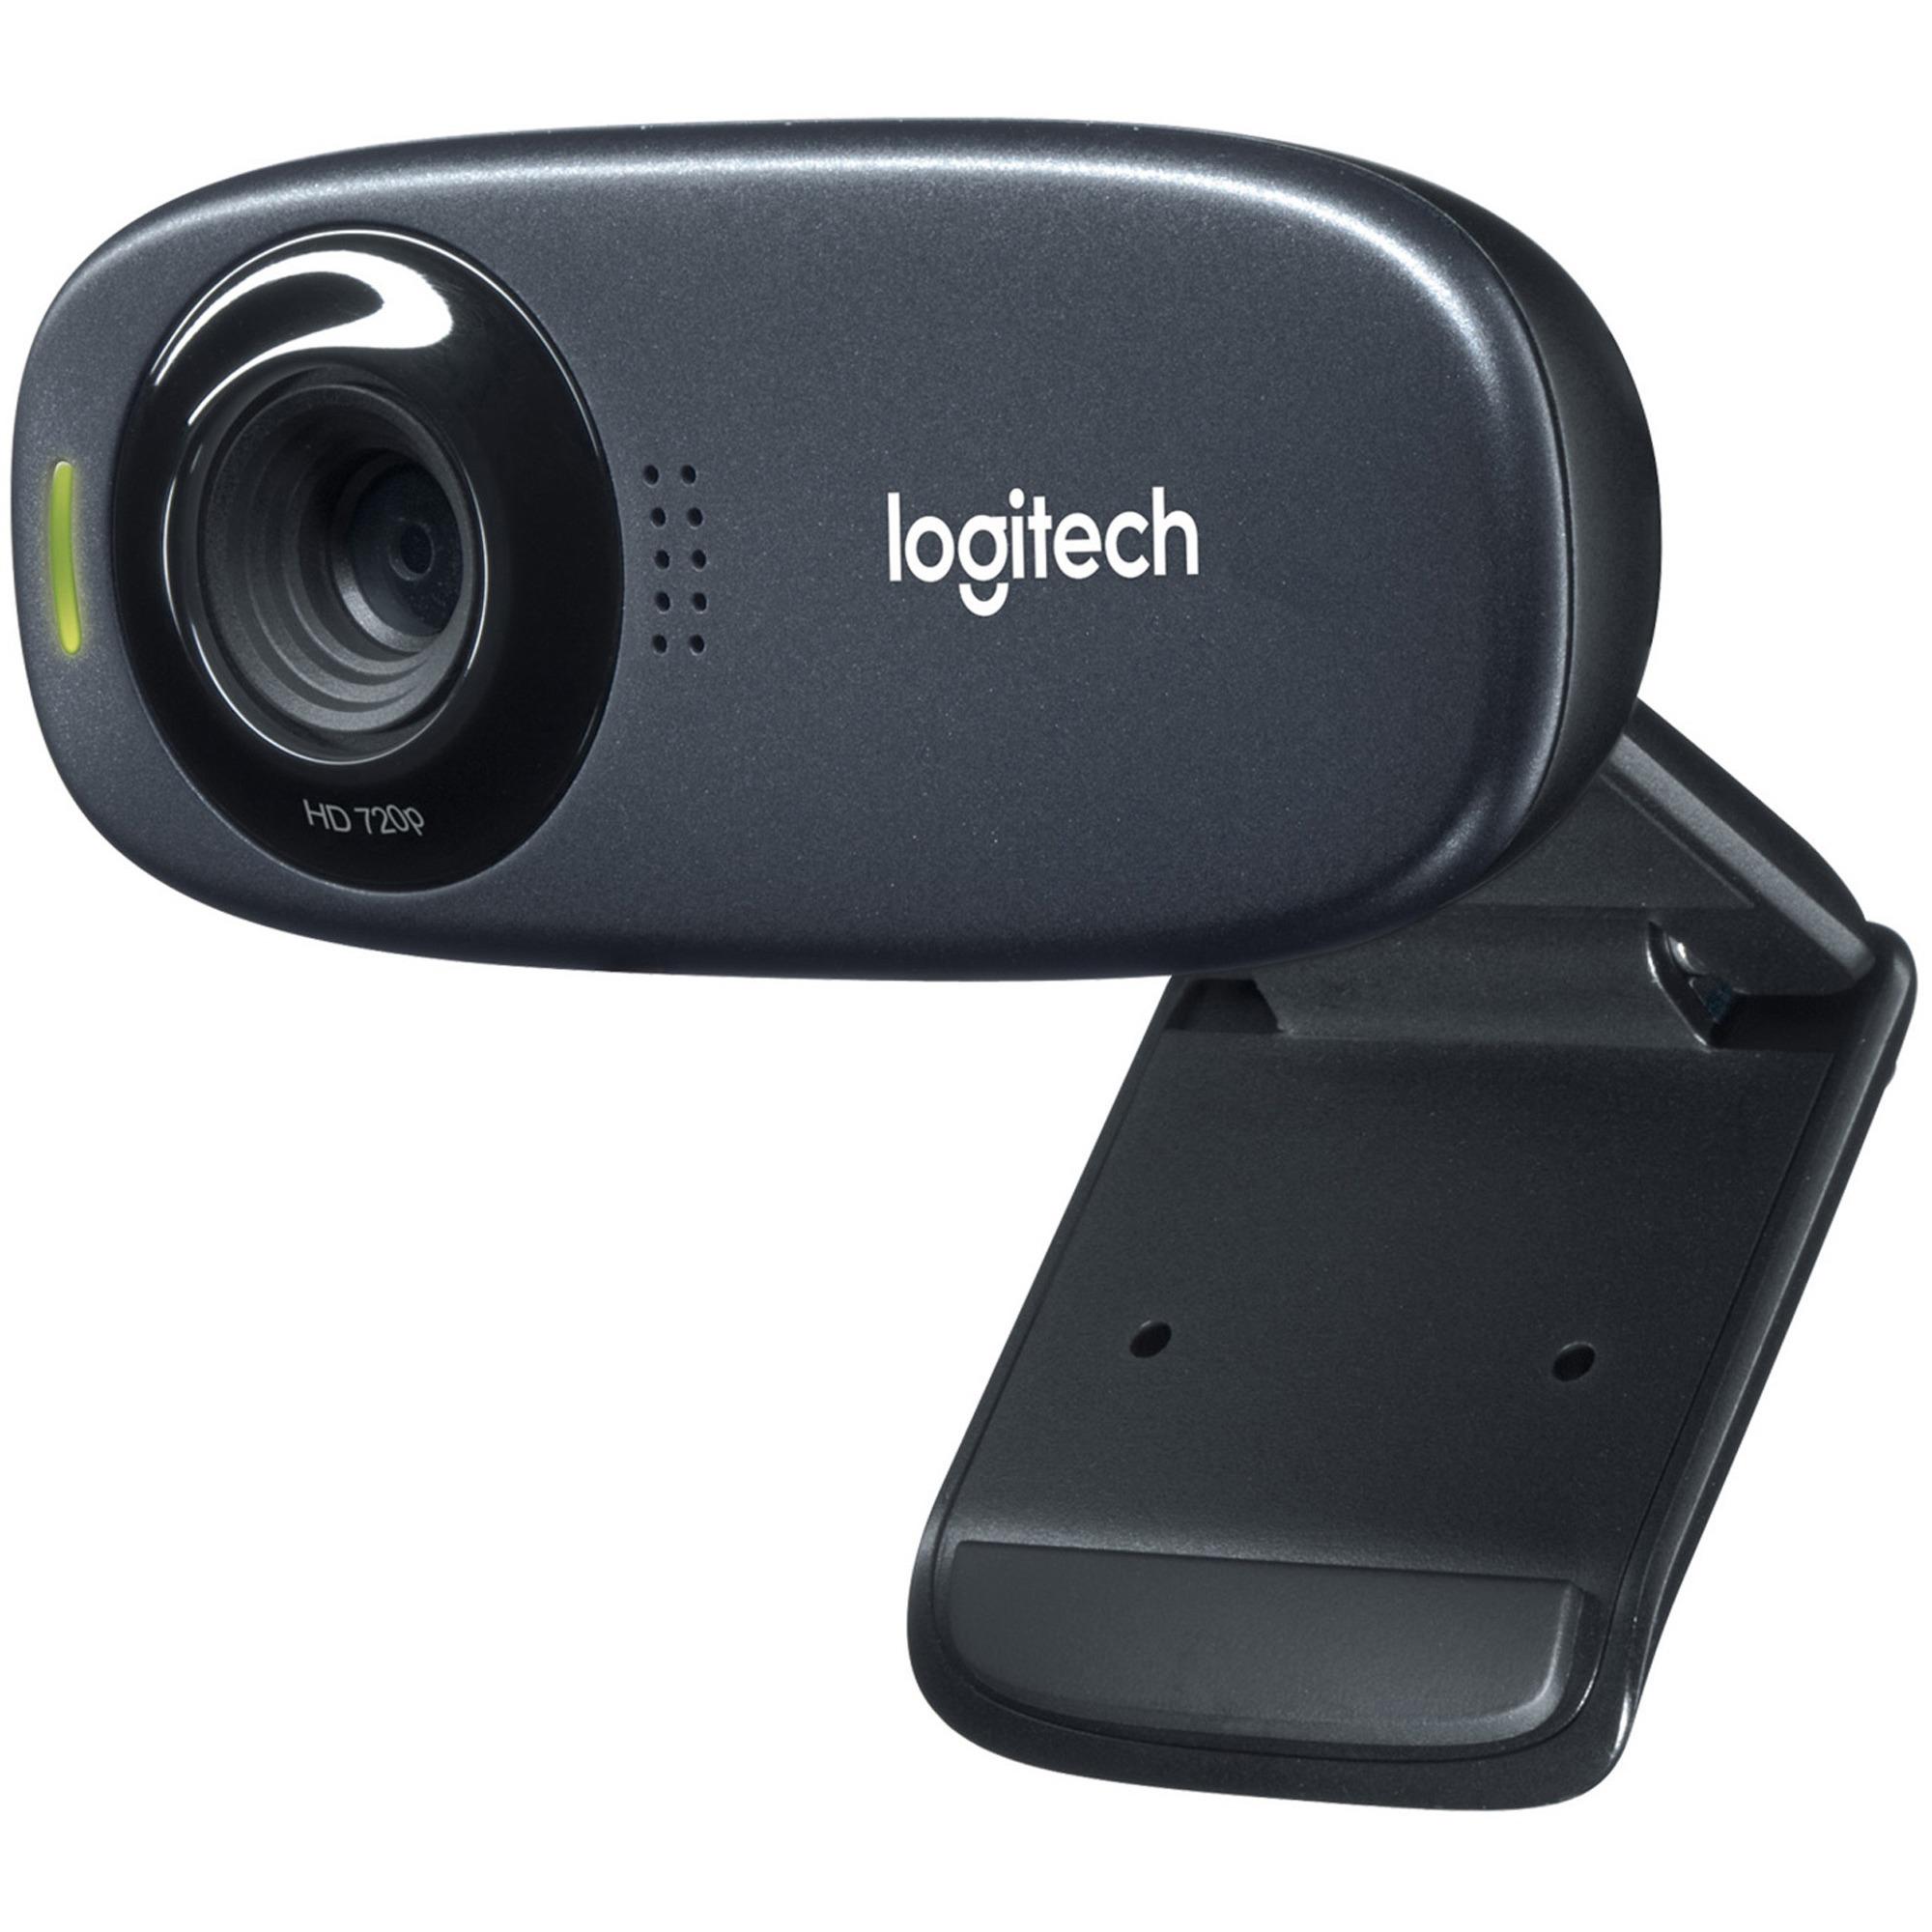 Logitech C310 Webcam - Black - USB 2.0 - 1 Pack(s)_subImage_1